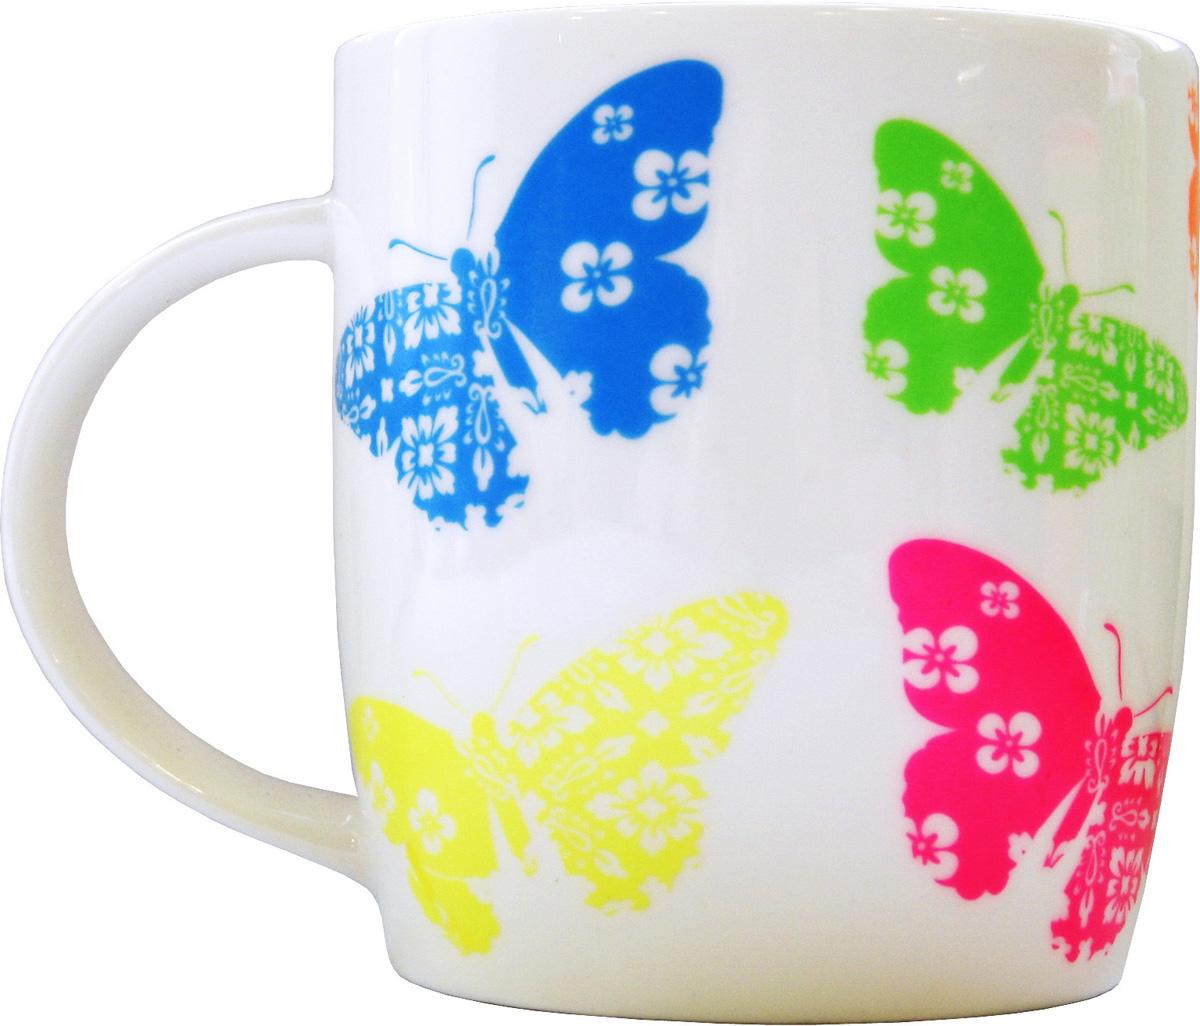 Кружка выполнена из керамики белого цвета и оформлена ярким изображением. Кружка дополнена удобной ручкой.  Такой подарок станет не только приятным, но и практичным сувениром: кружка станет незаменимым атрибутом чаепития, а оригинальное оформление кружки добавит ярких эмоций в процессе чаепития.